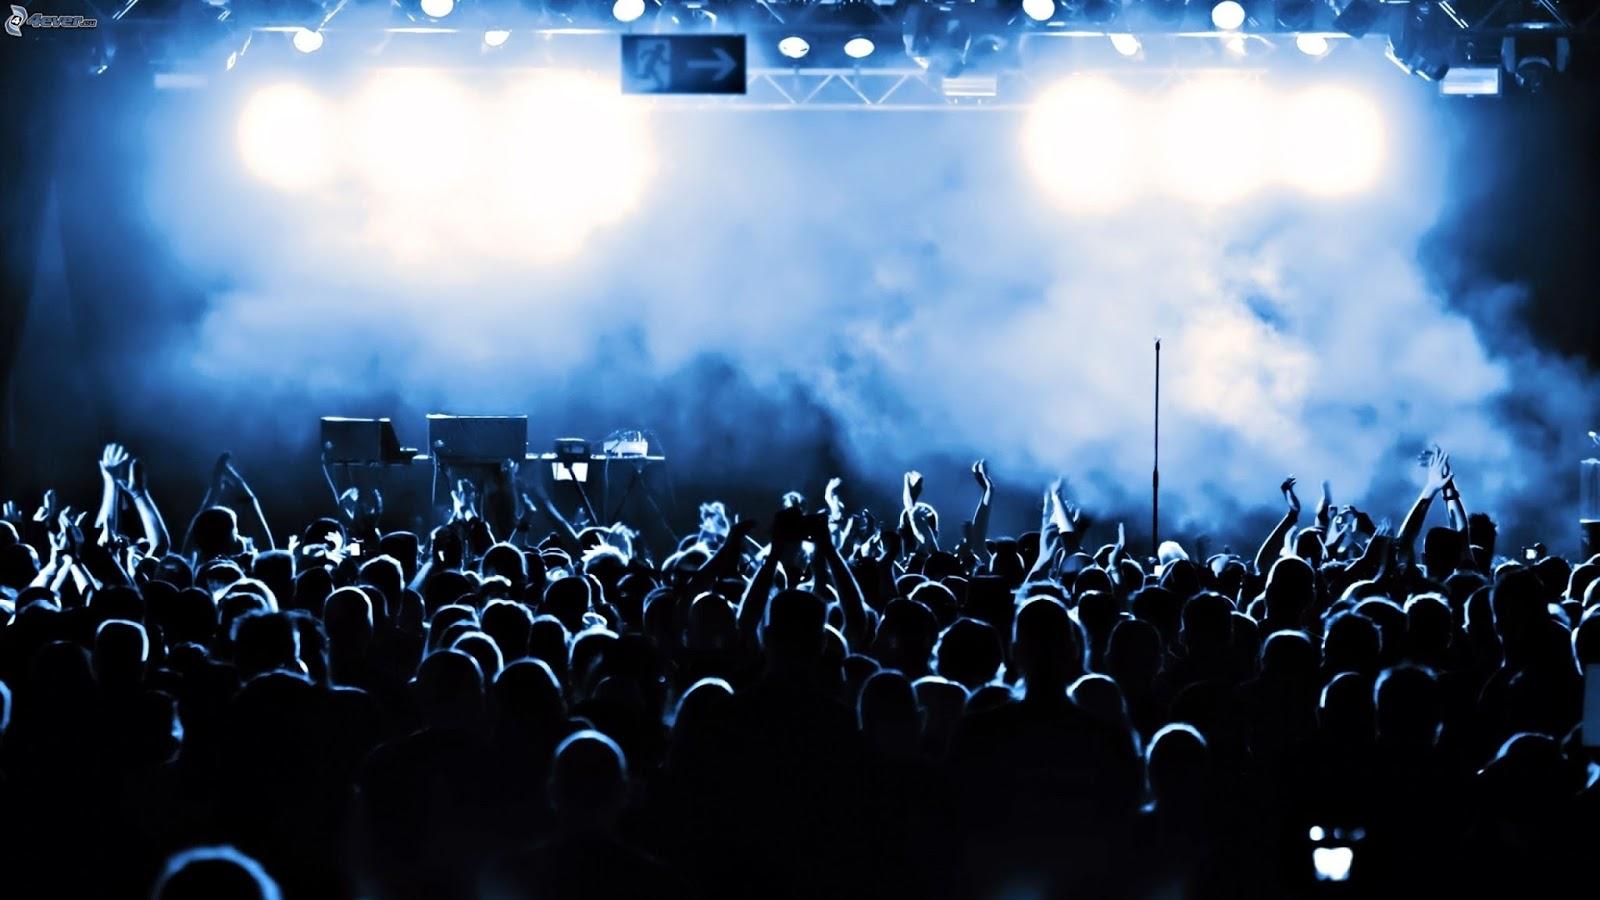 El Foro Sol en Ciudad de Mexico cartelera de conciertos 2020 2021 2022 2023